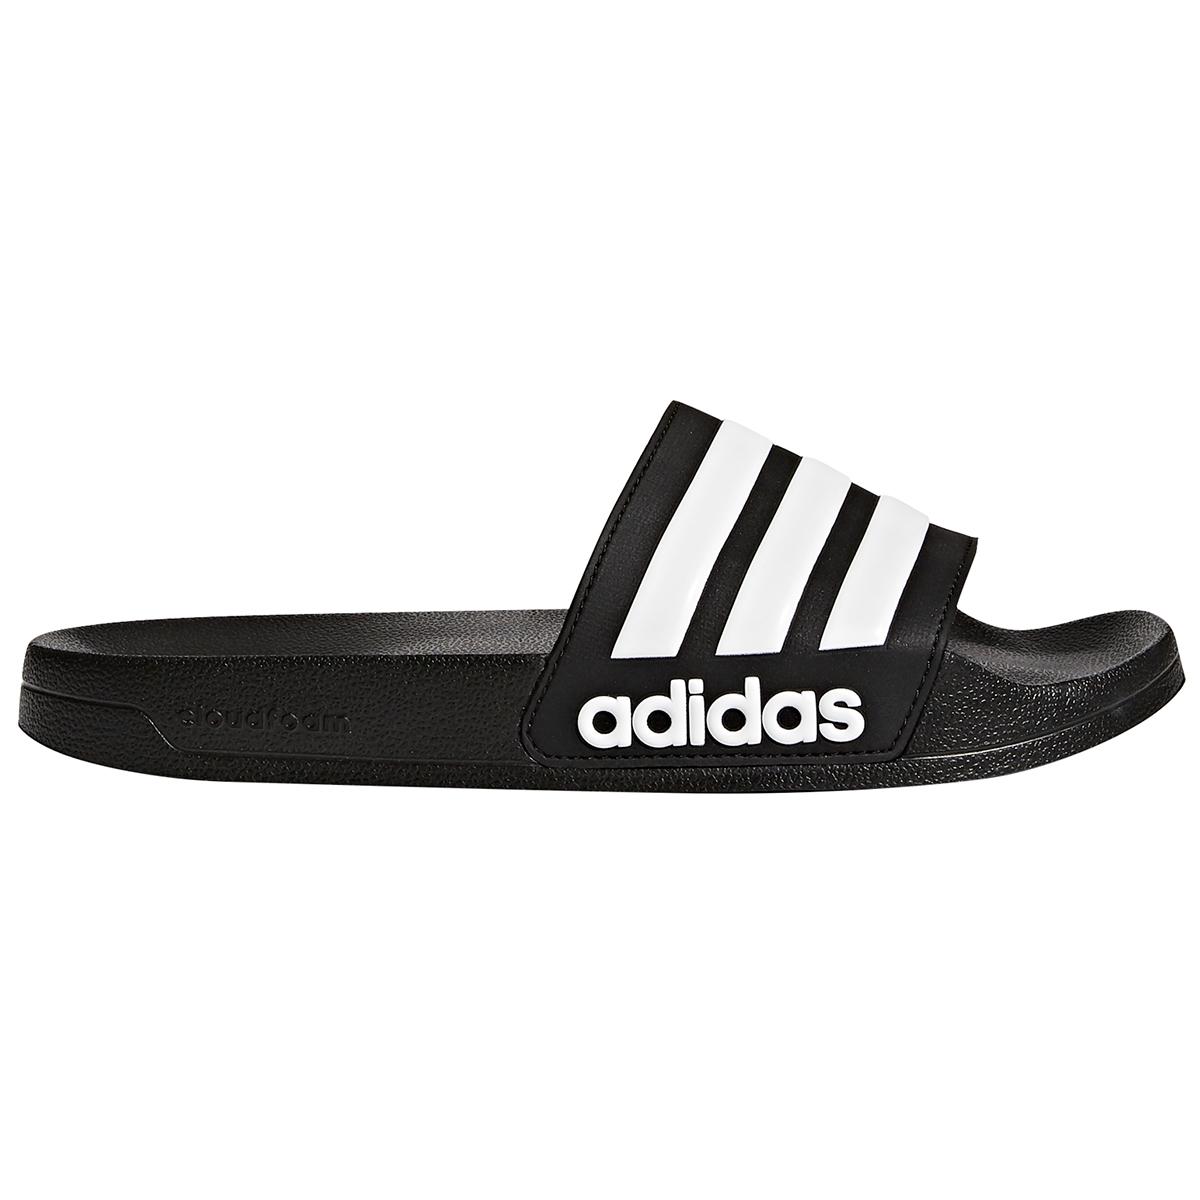 Adidas Men's Adilette Cloudfoam Slides - Black, 11